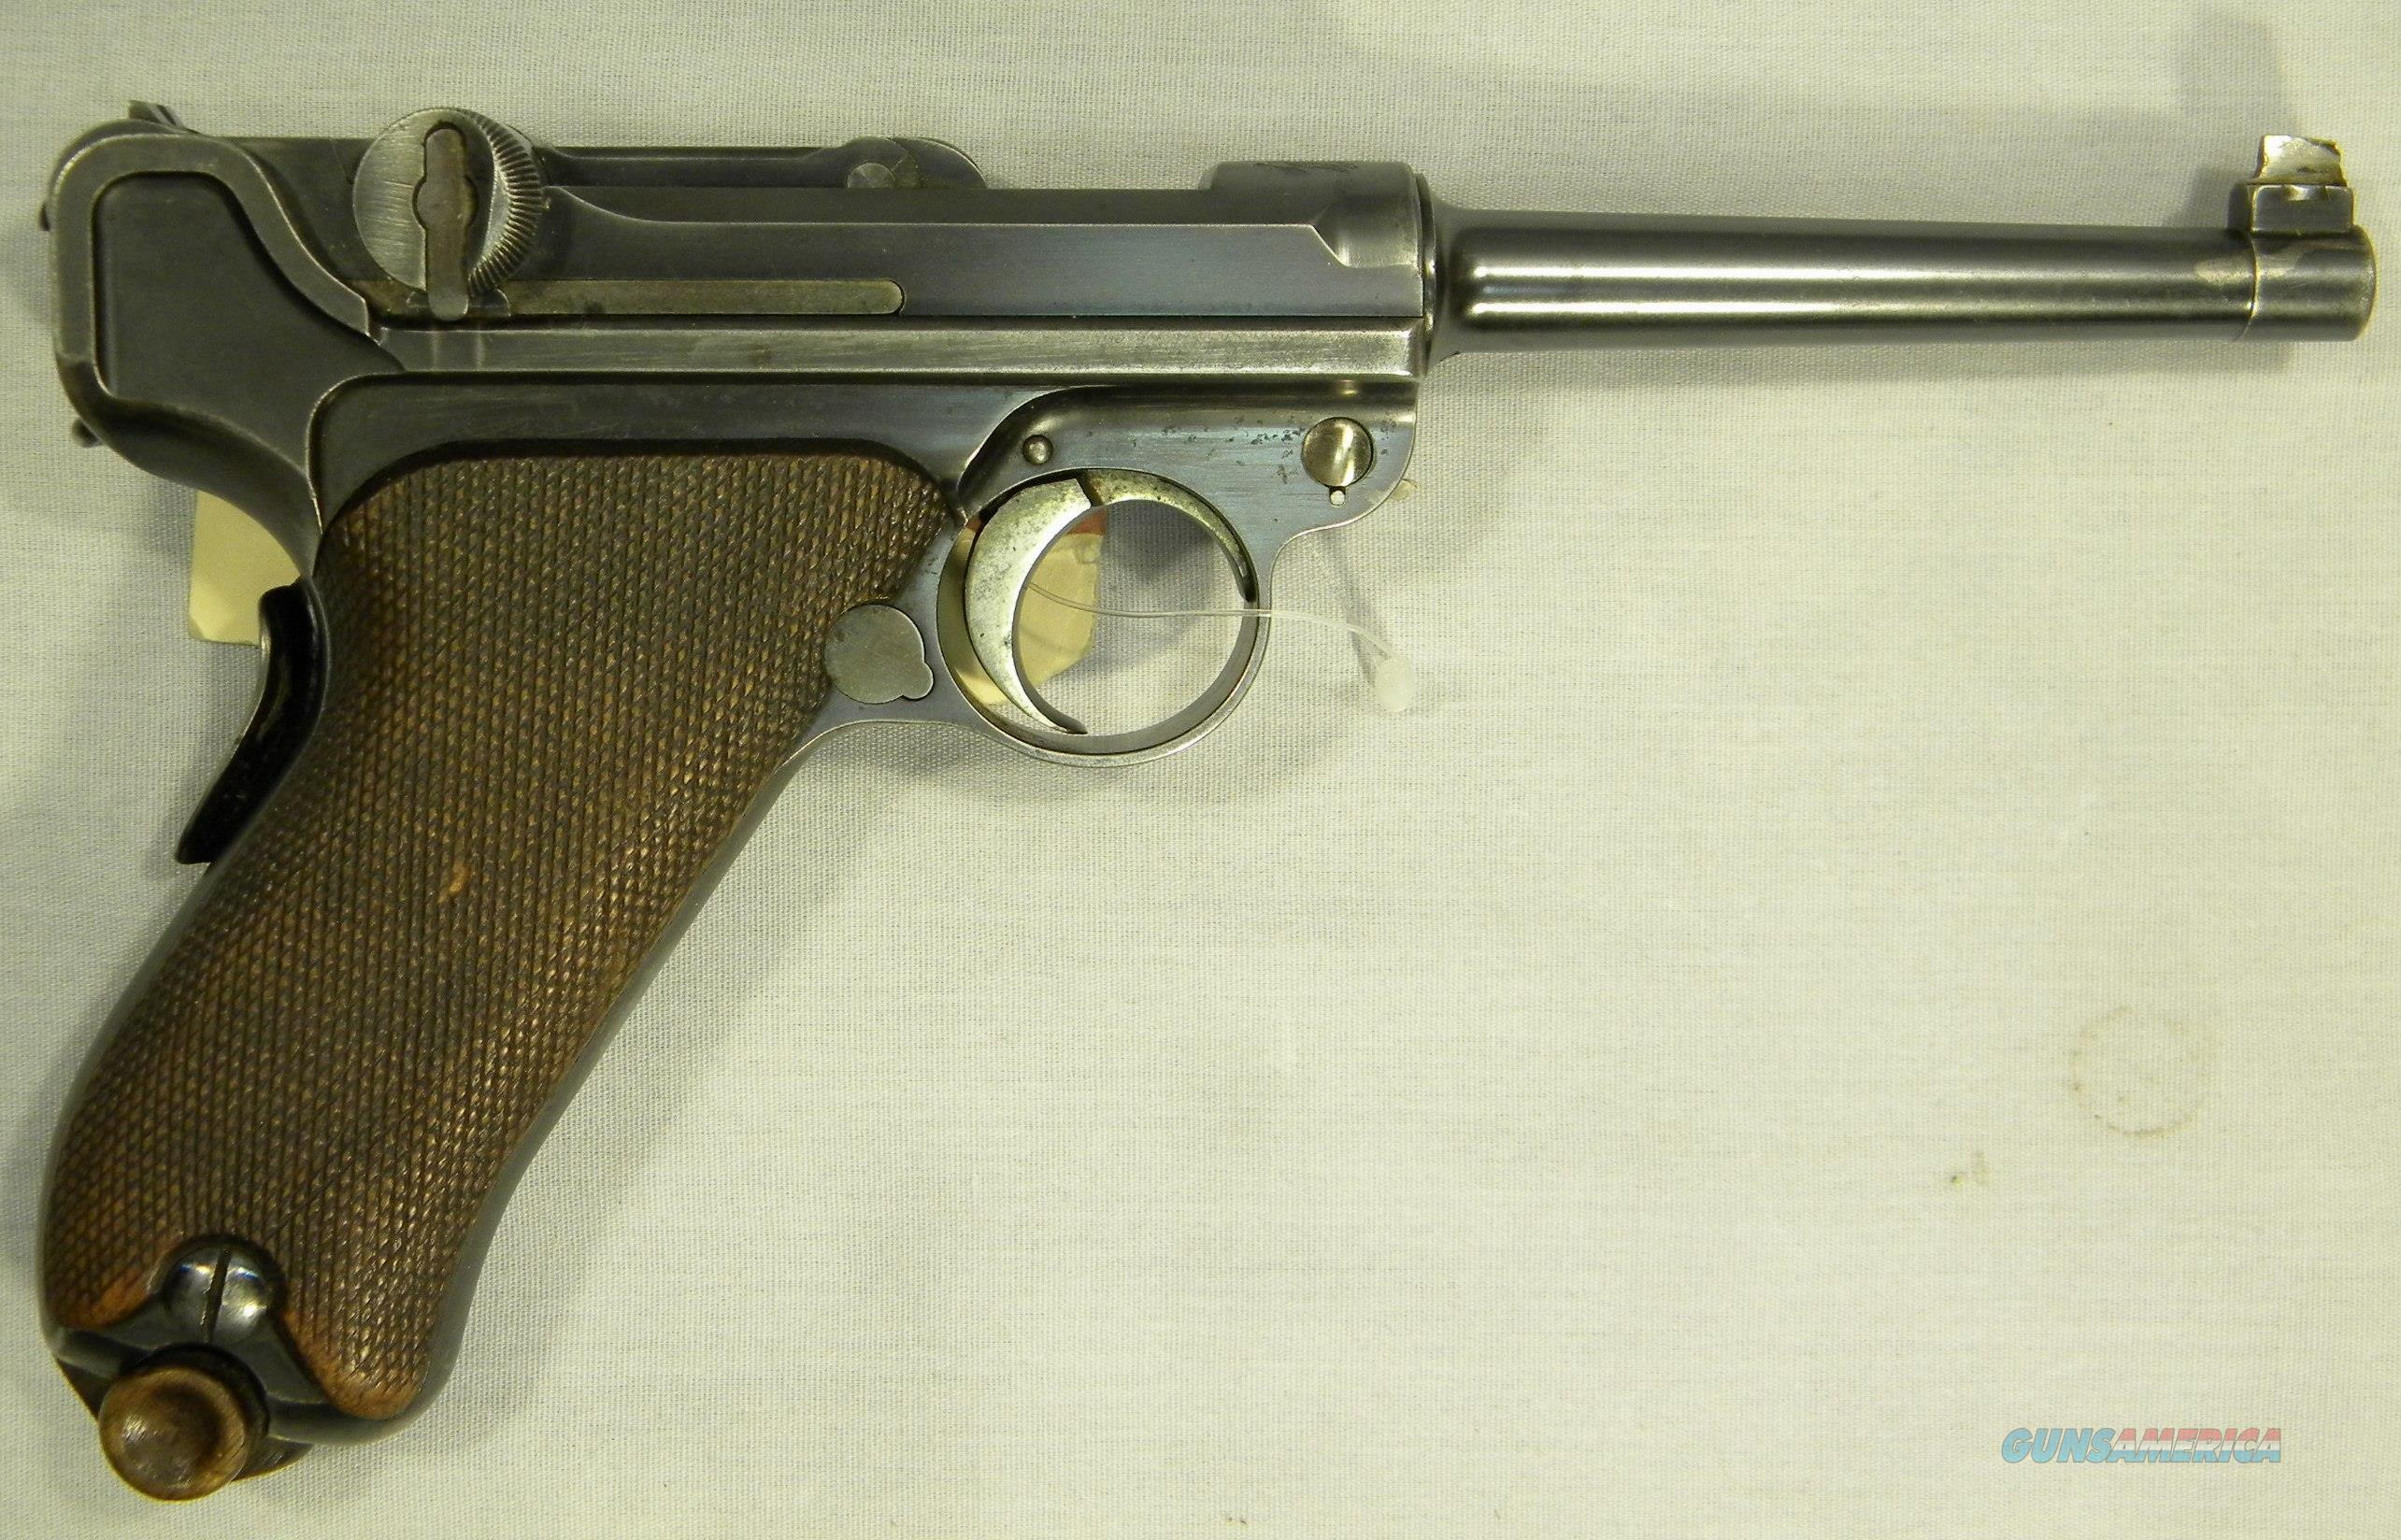 DWM Mdl 1900 'American Eagle' Luger, .30 Luger  Guns > Pistols > Luger Pistols